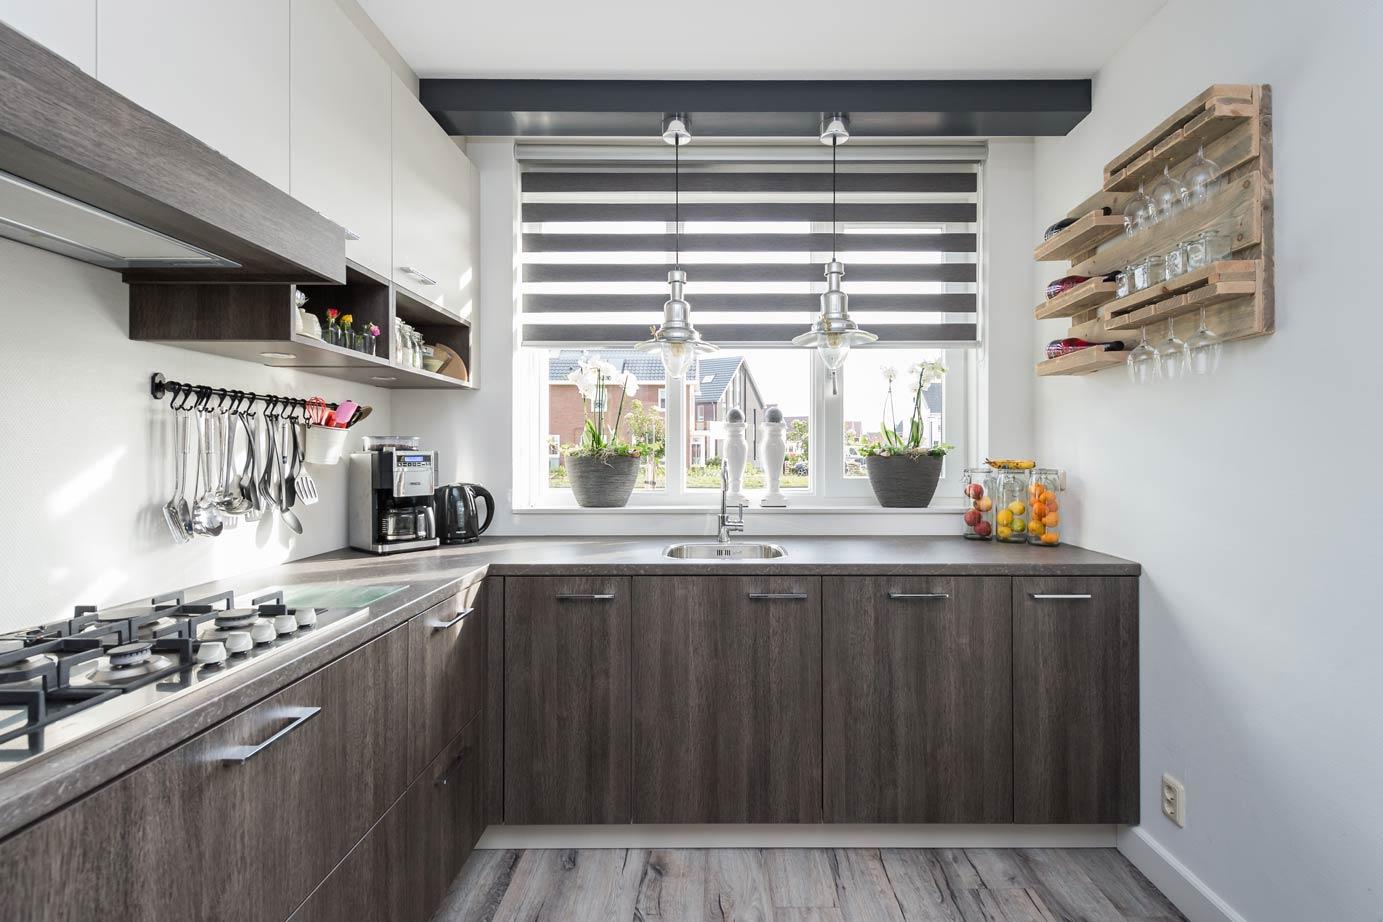 Keuken Landelijk Ramen : Keuken u landelijk u boograam u keukeneiland u natuursteen u foto